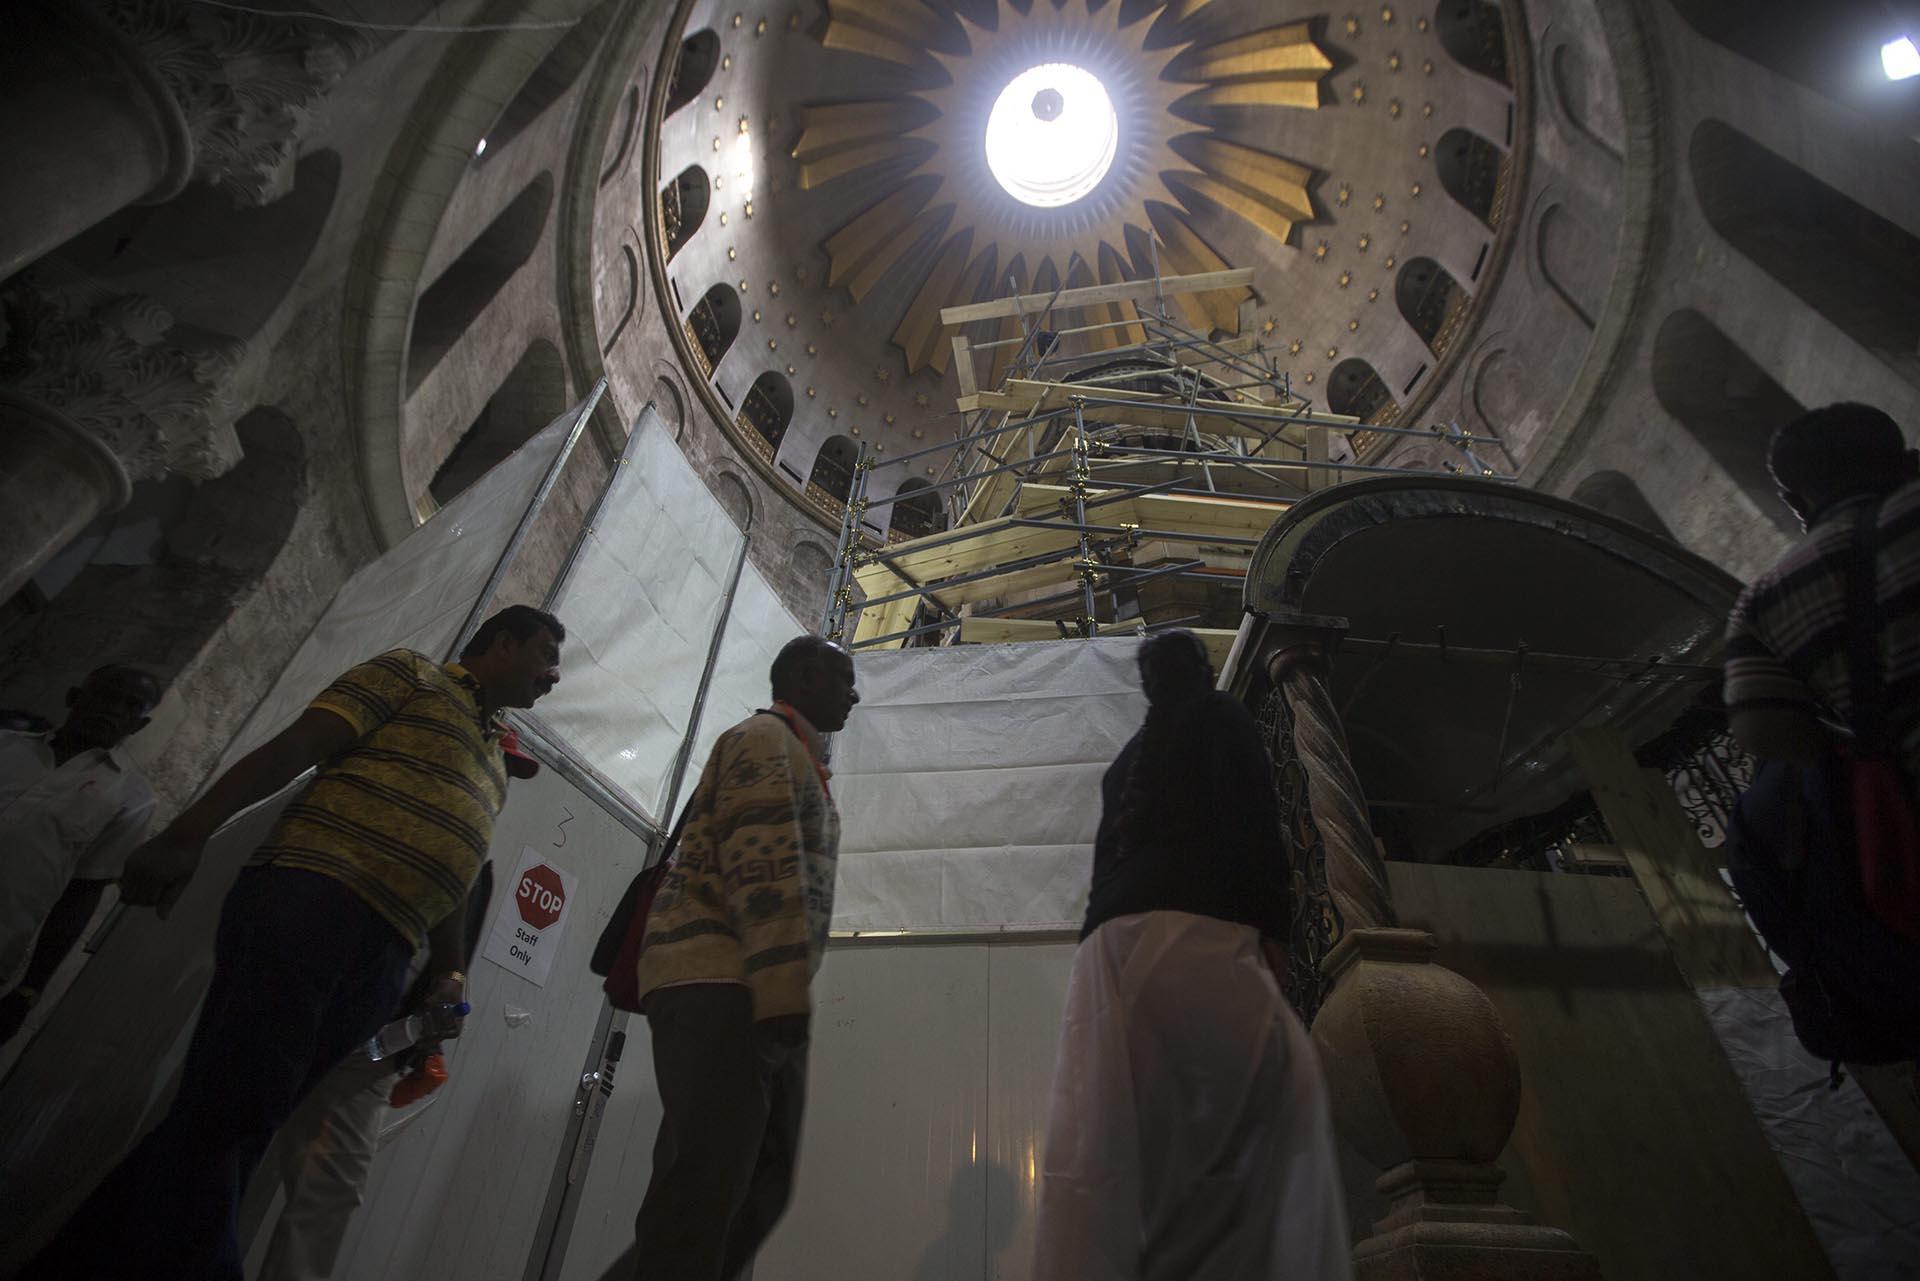 Cristianos esperan para visitar la tumba de Jesucristo en la Iglesia de la Santa Sepultura en Jerusalén, Israel